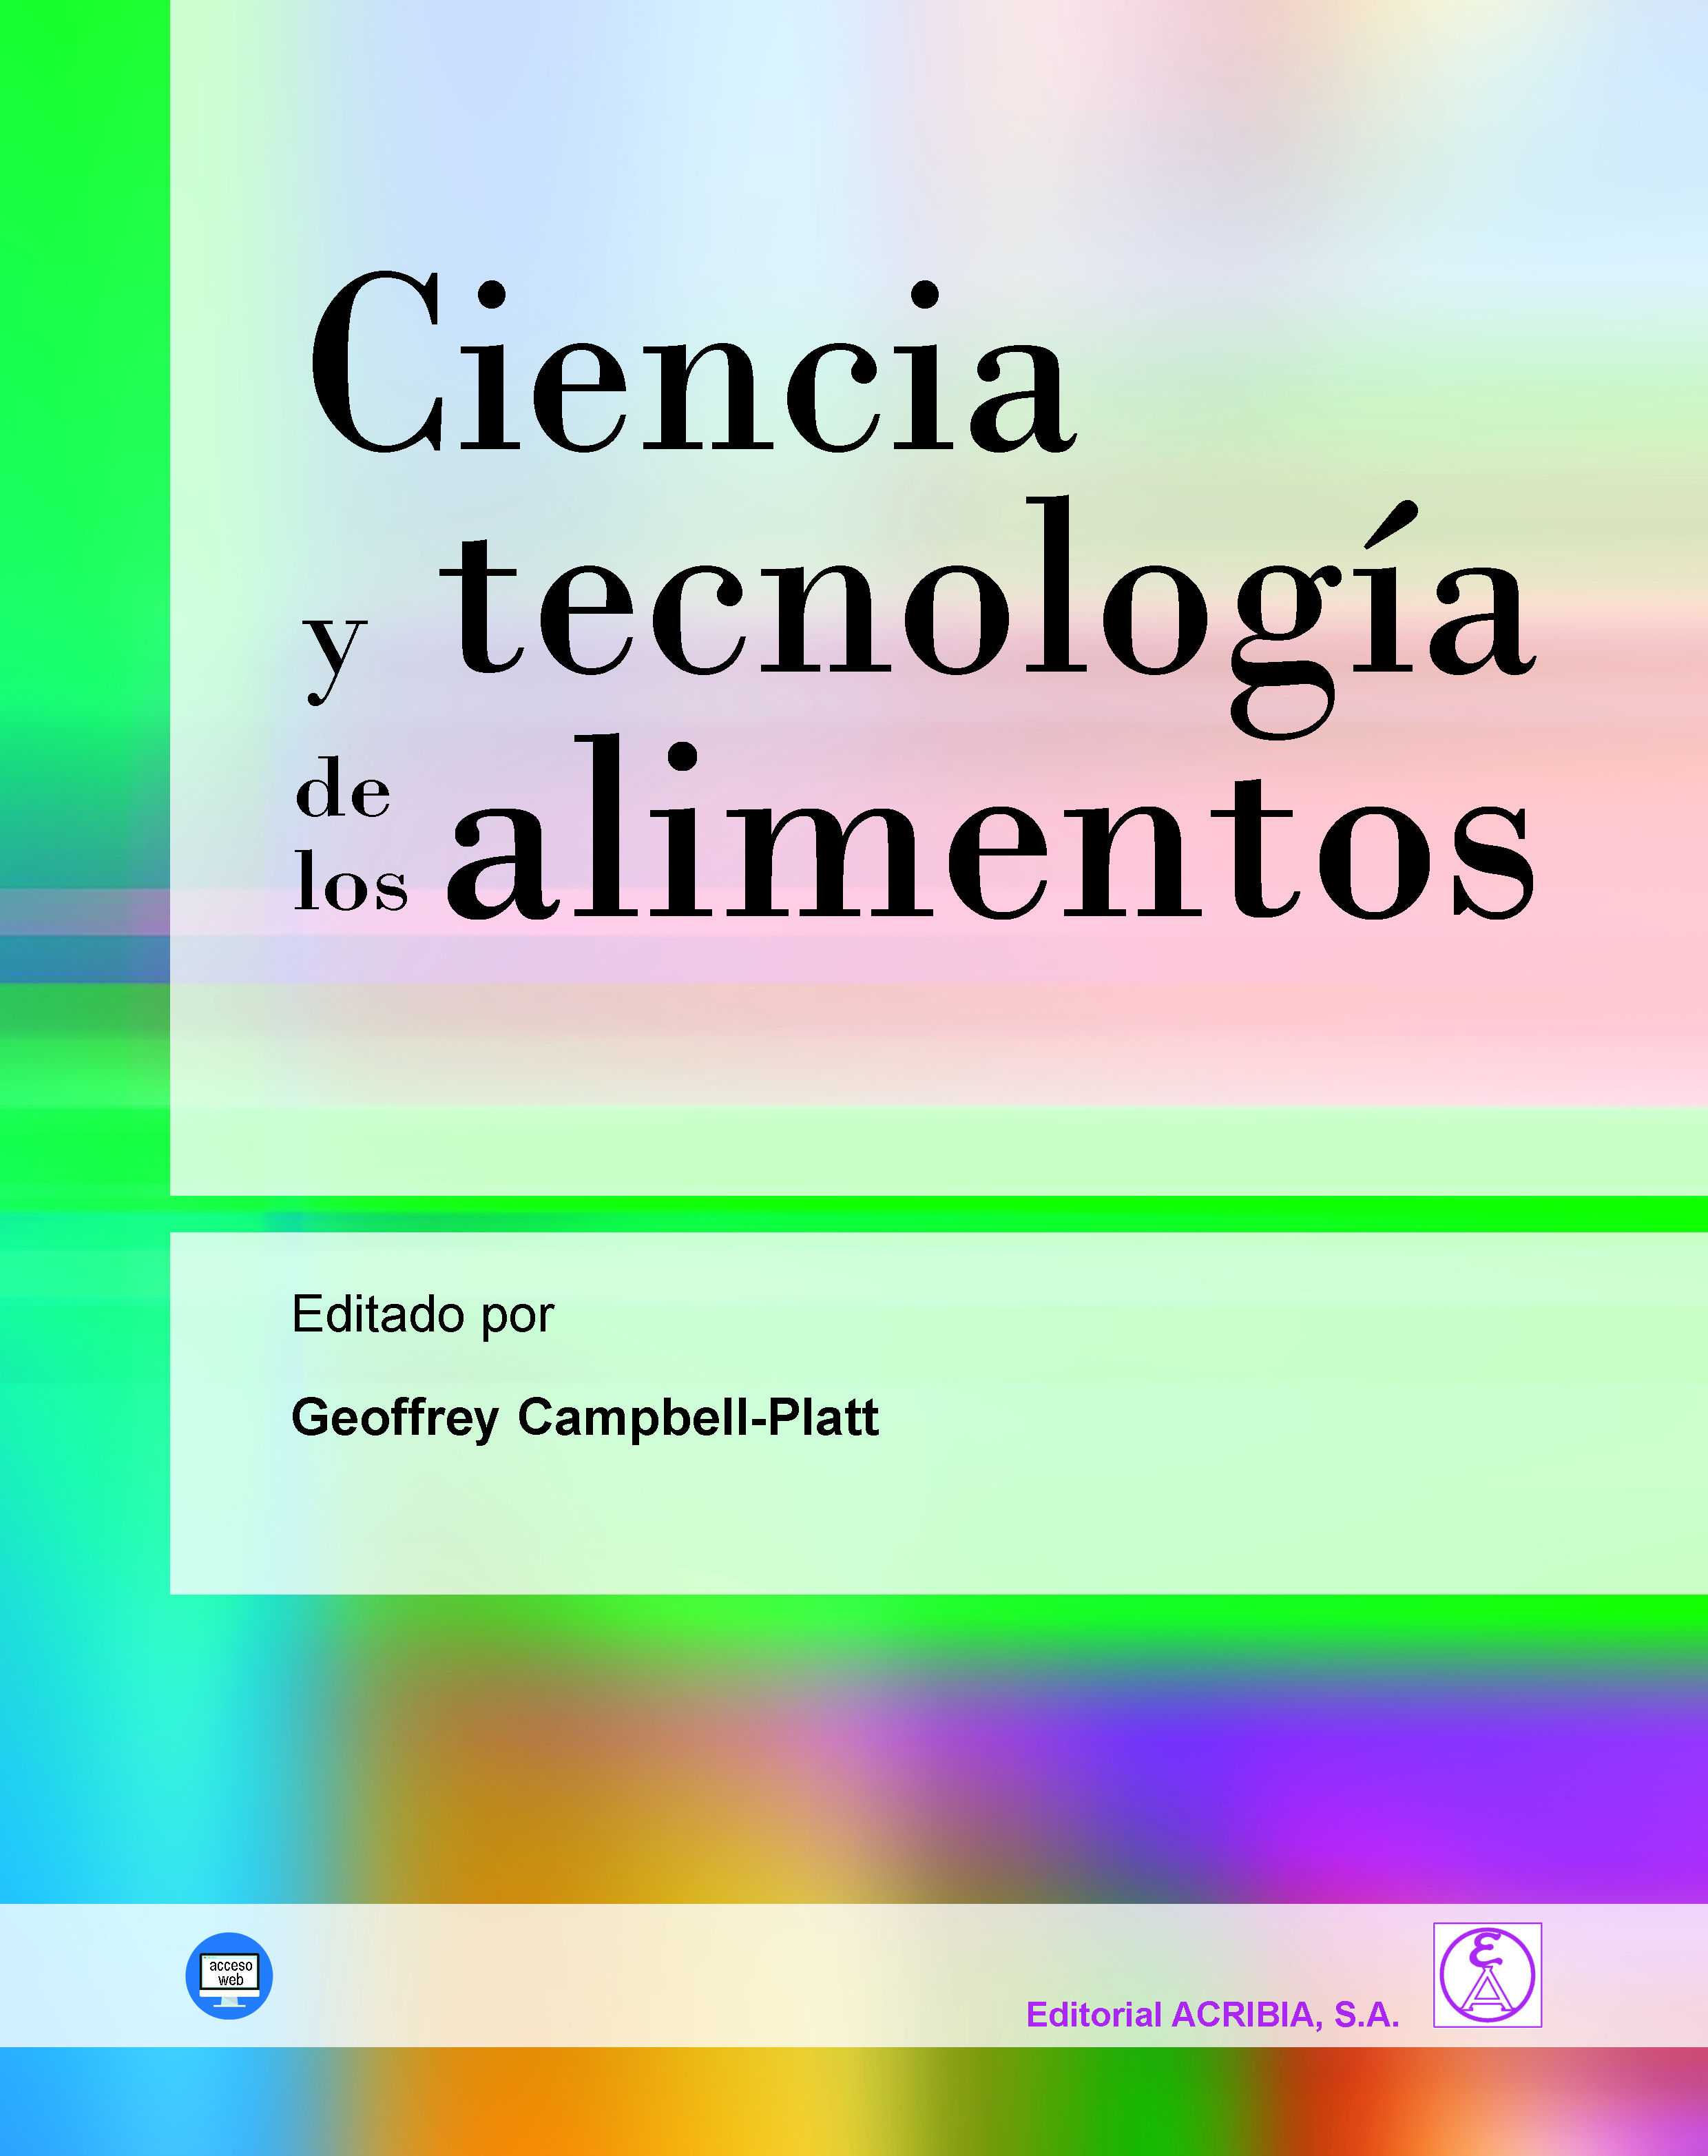 Ciencia y tecnología de los alimentos - Editorial Acribia, S.A.